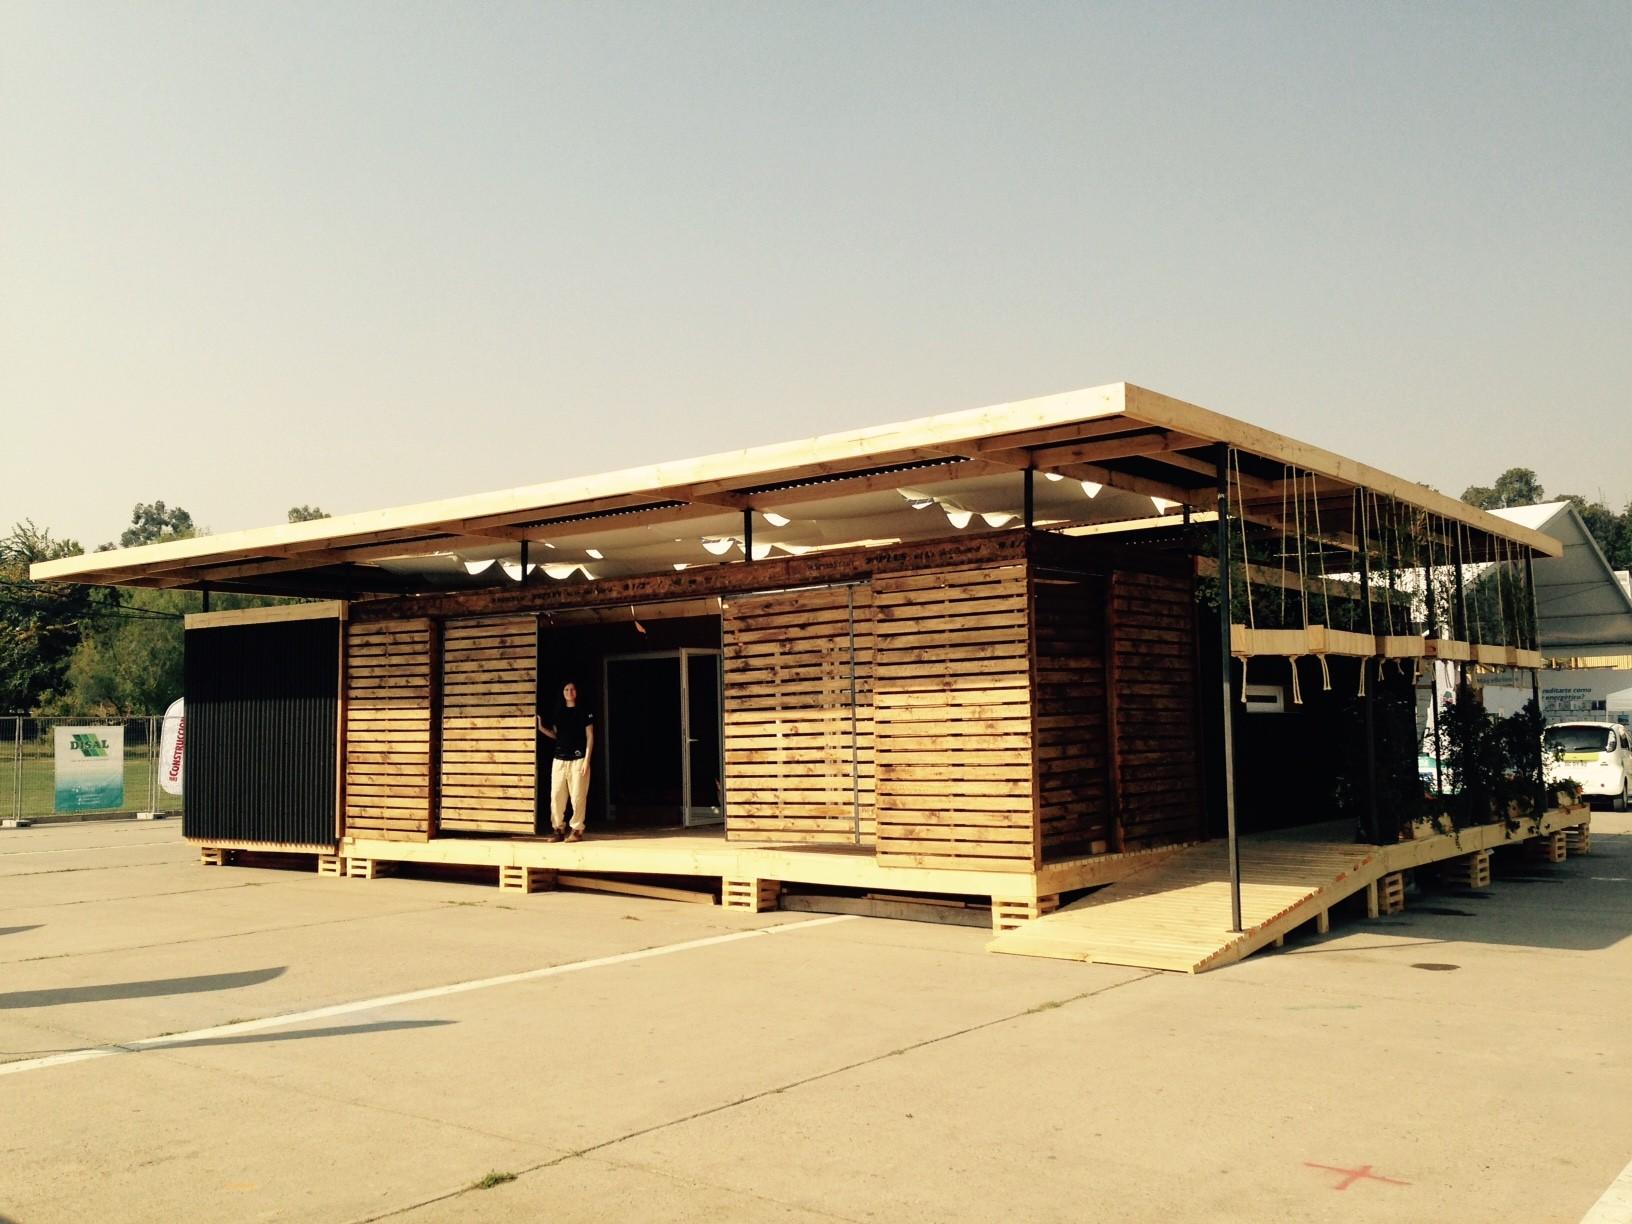 Casa Parrón gana la primera competencia latinoamericana de viviendas sustentables, Casa Parrón S-27. Image Cortesia de Gonzalo Verdugo